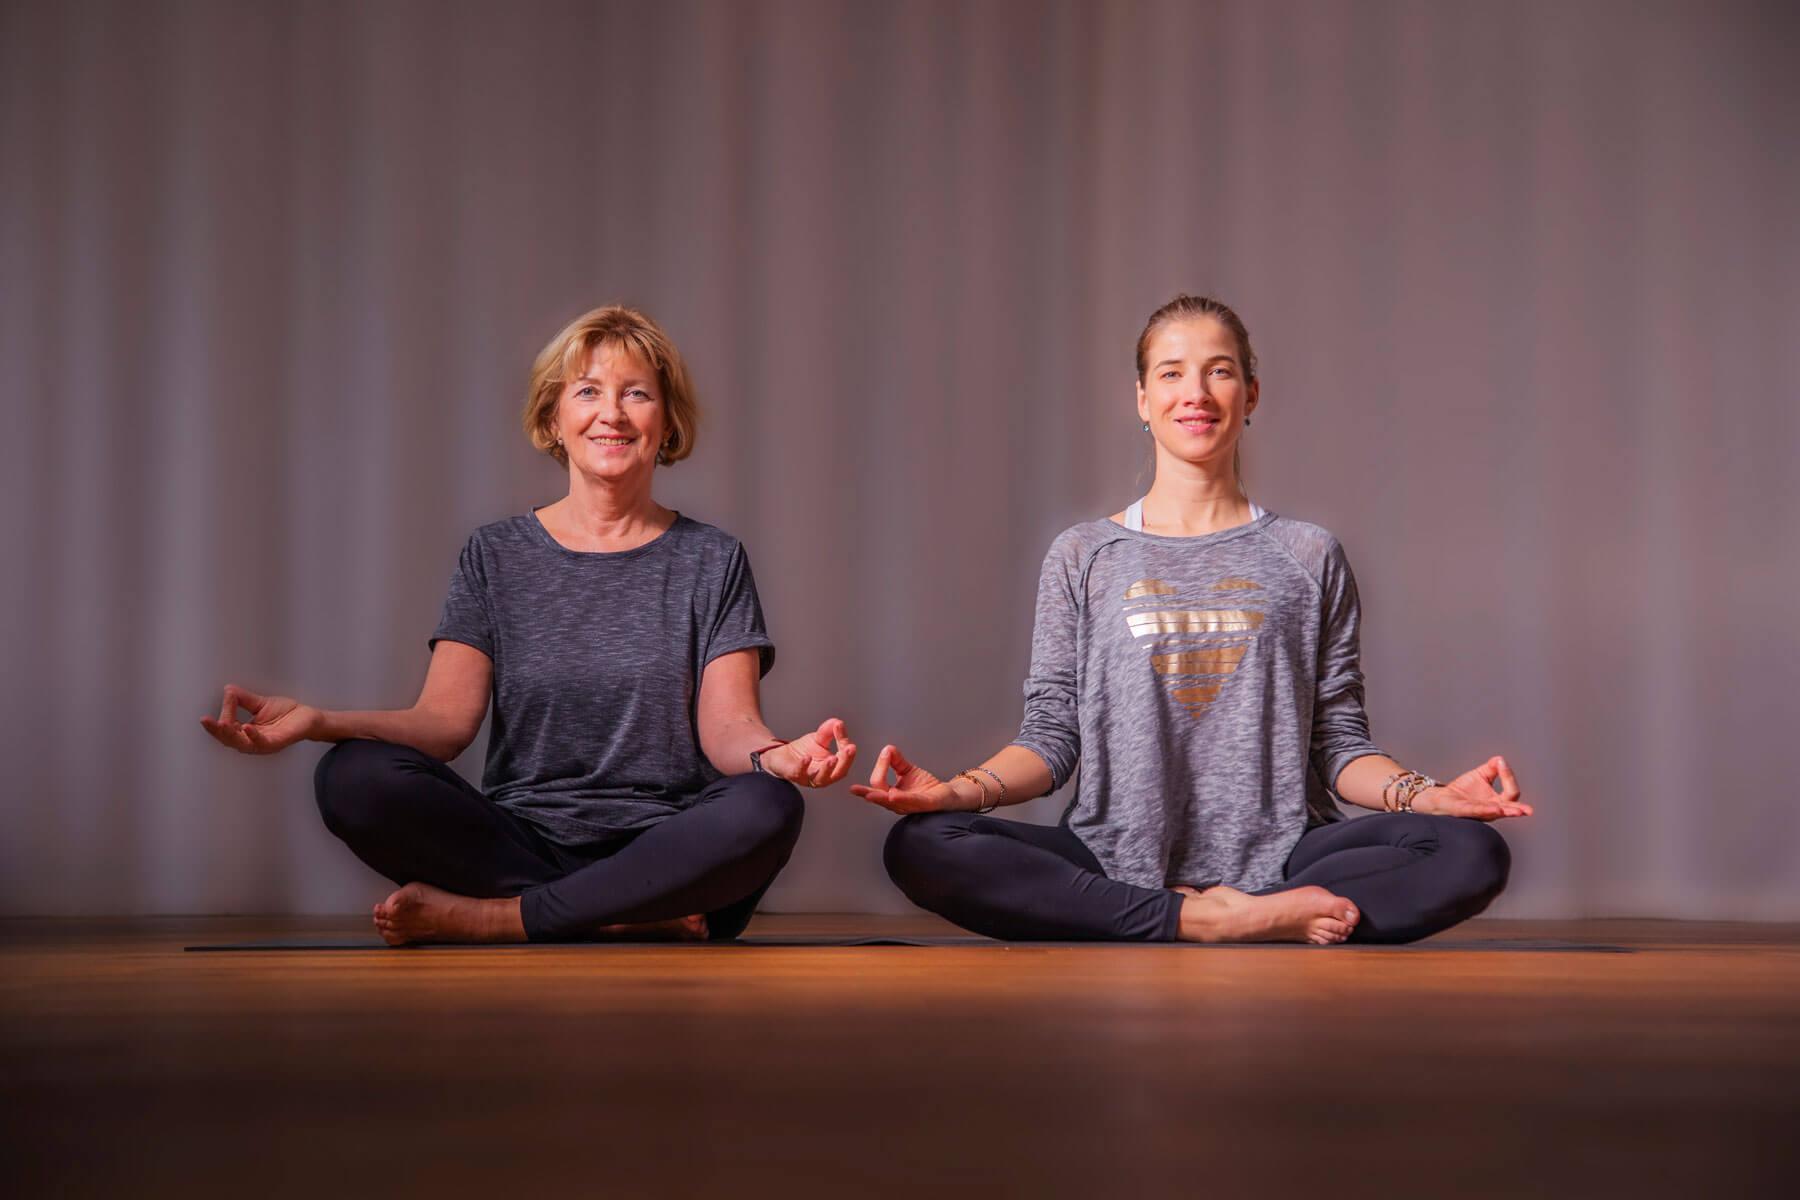 Das Bild zeigt die Yoga Personal Trainerin Katrin Bergmann und die entspannt lächelnde Kundin im Yoga Meditationssitz.